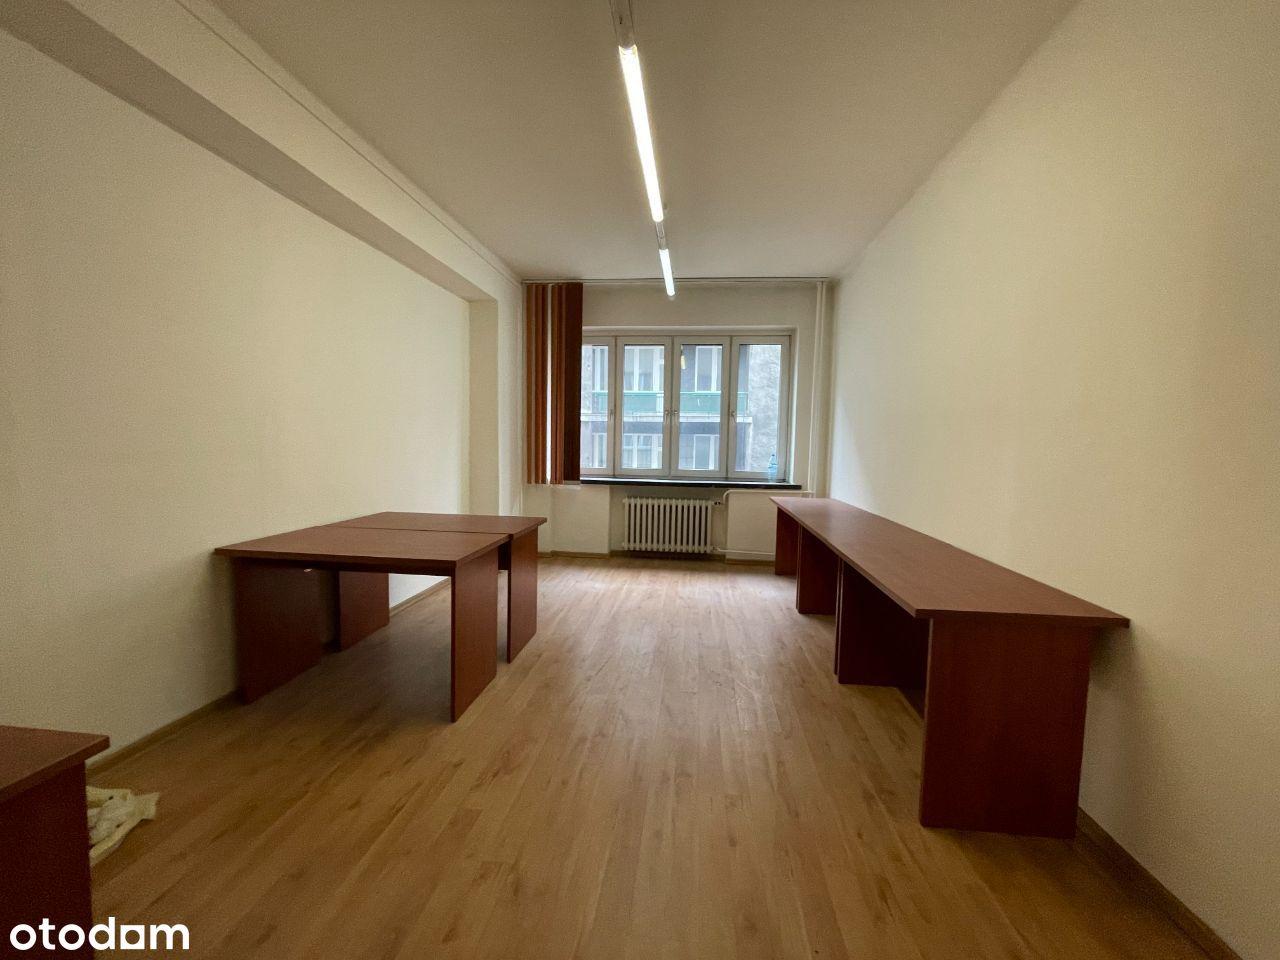 Gotowiec inwestycyjny! Lokal biurowy 39m2, centrum